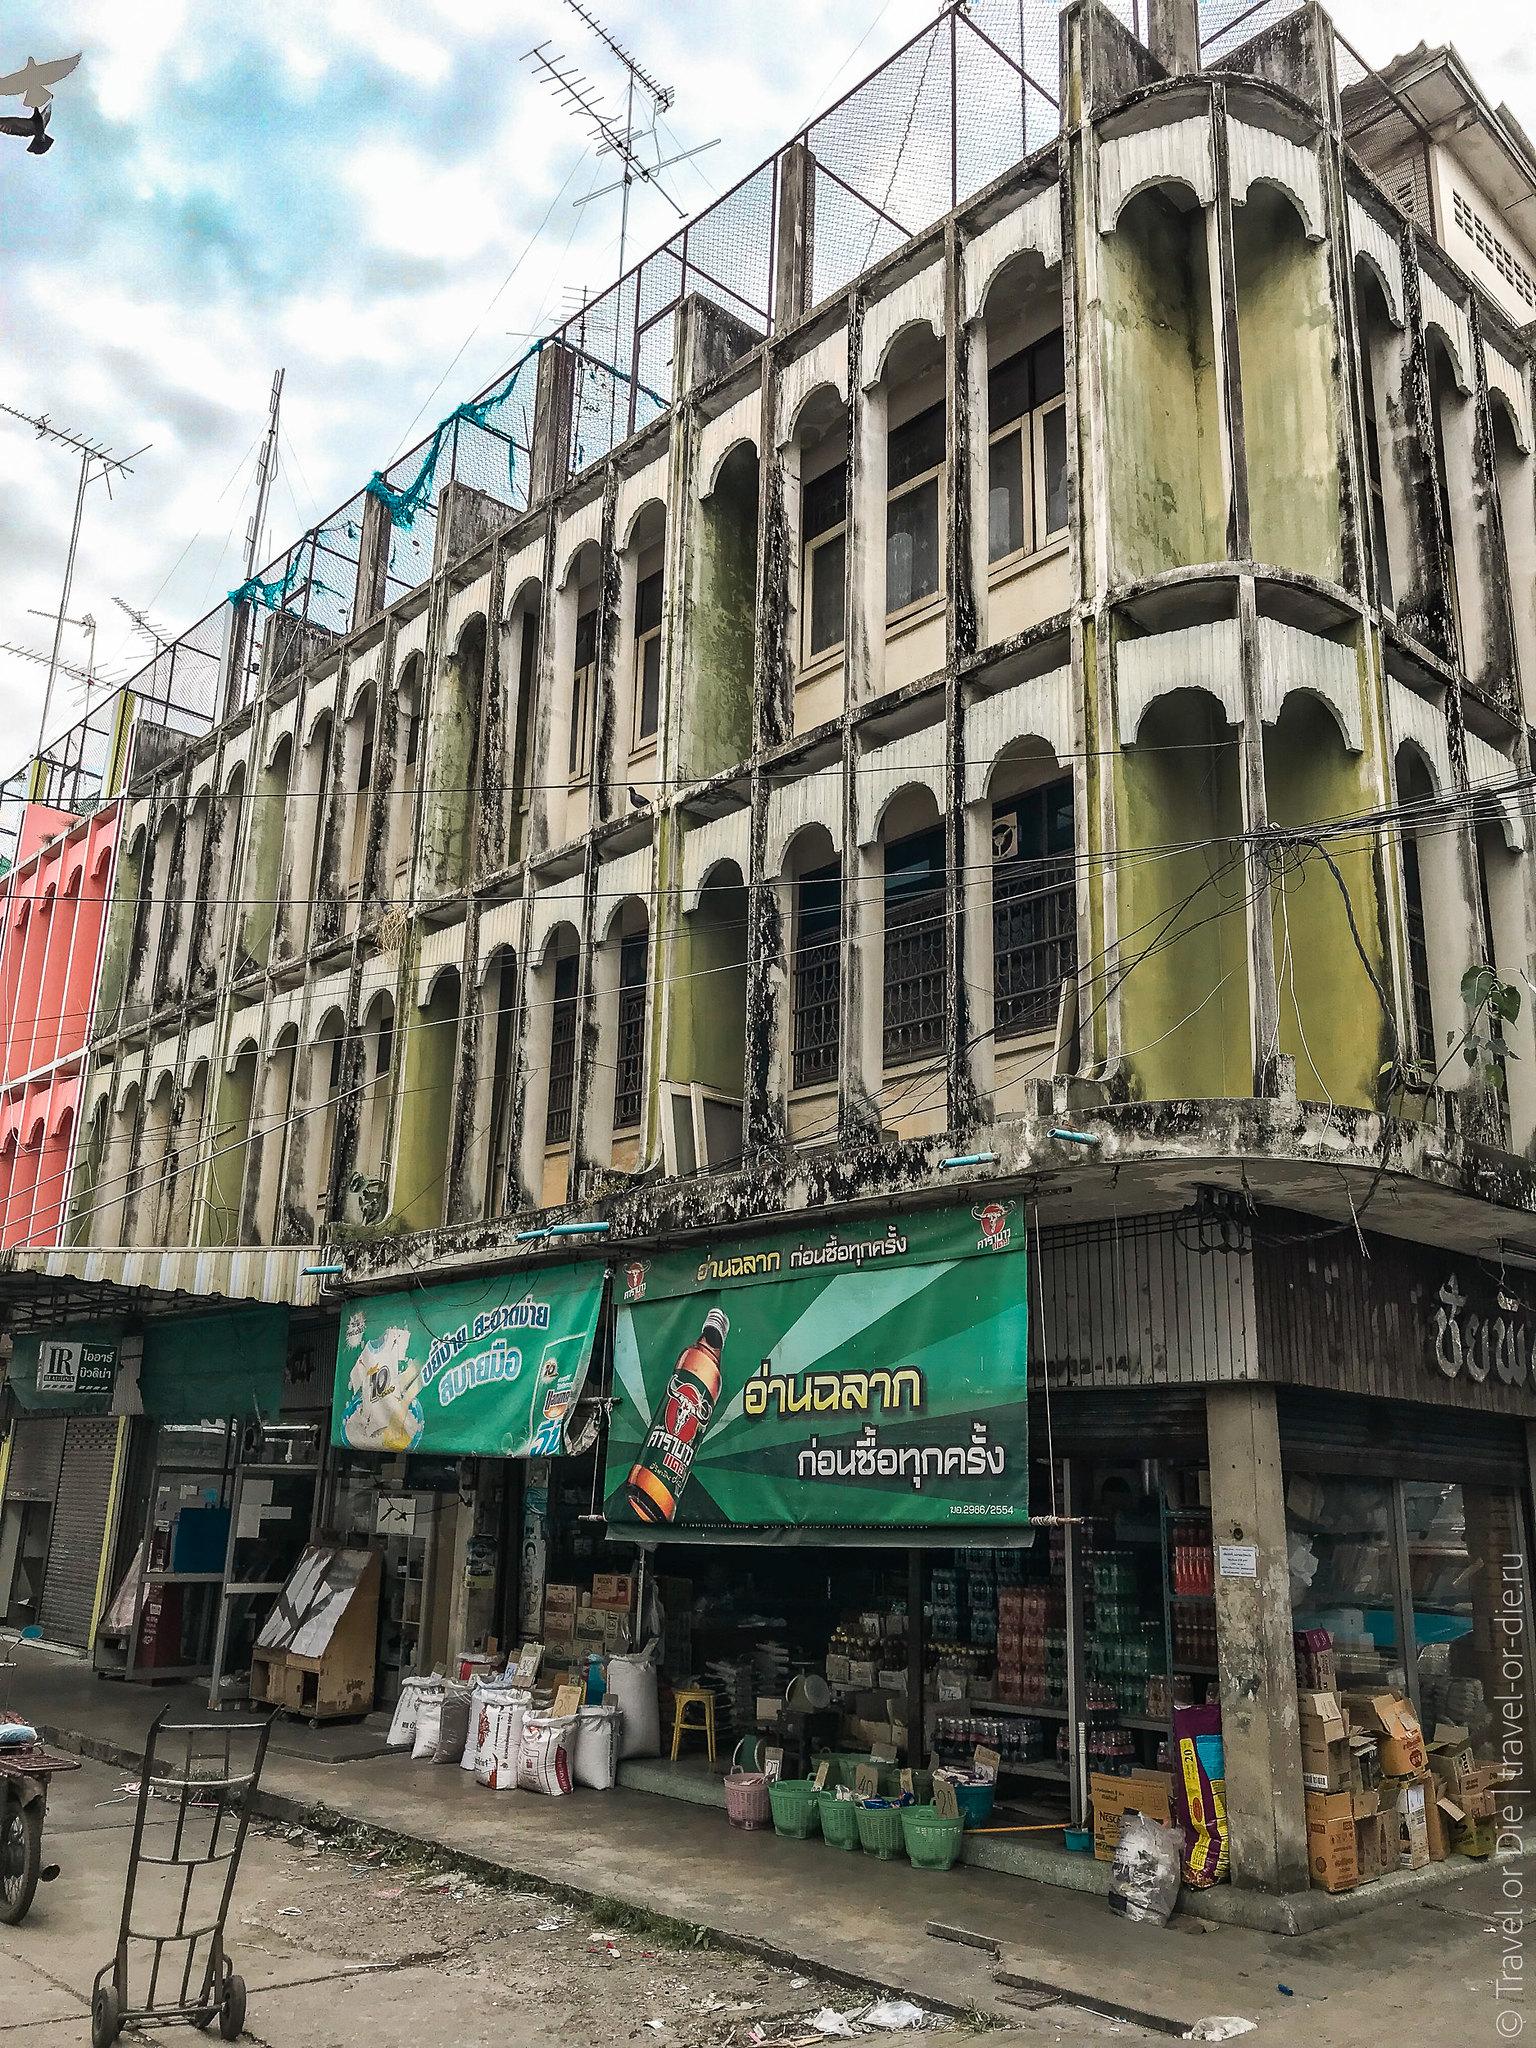 Maeklong-Railway-Market-Bangkok-0124